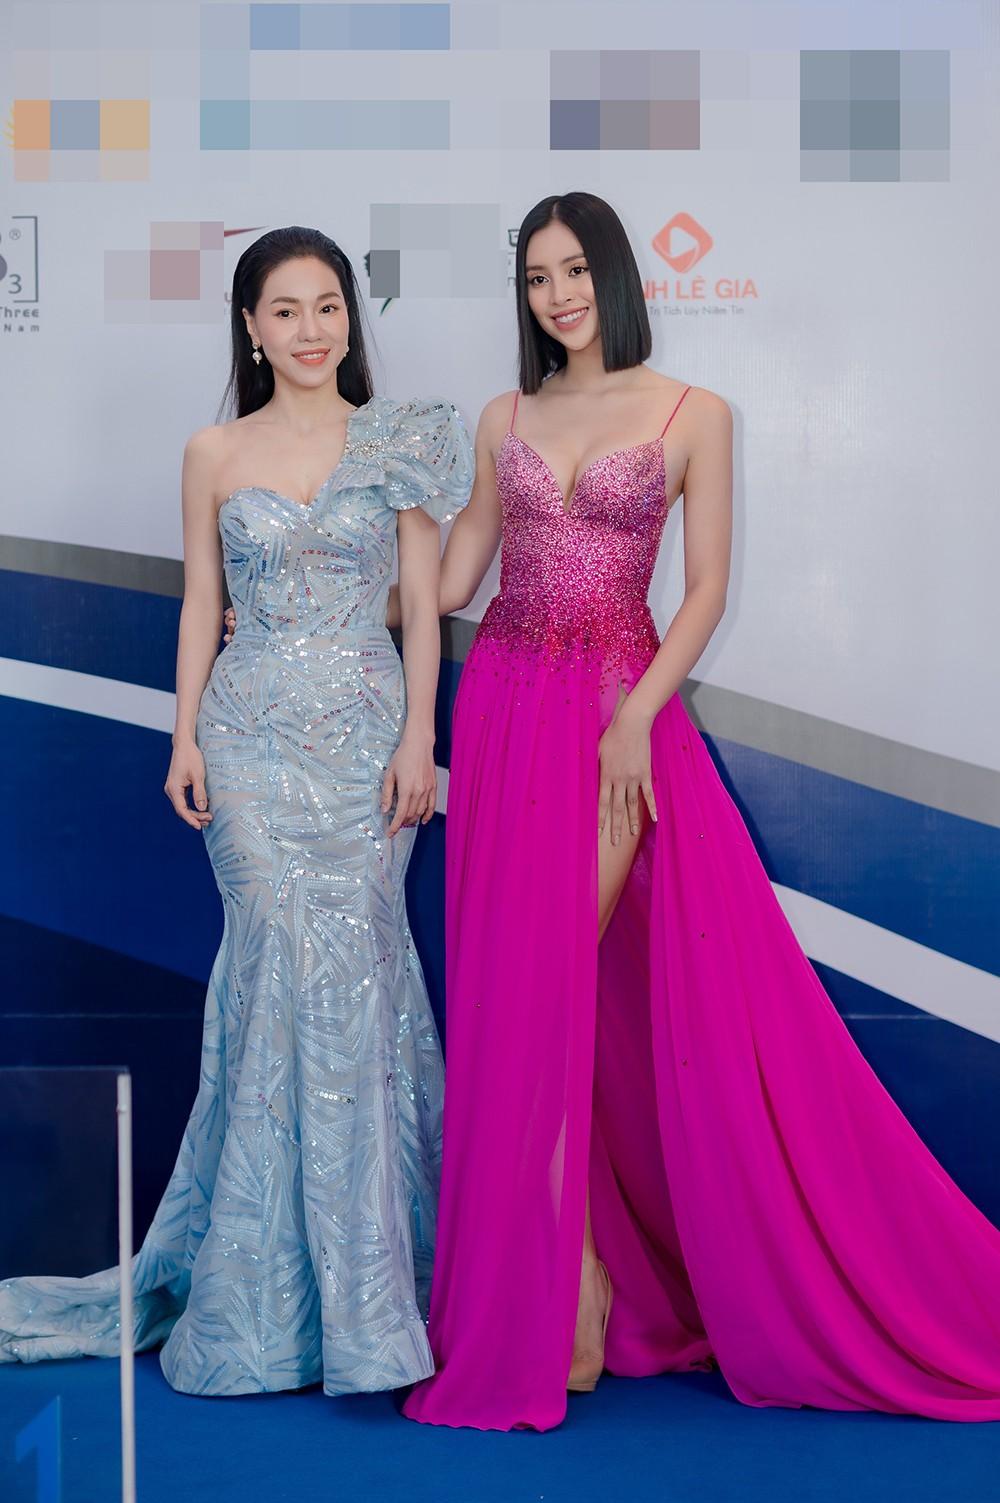 'Đụng' váy dạ hội xẻ táo bạo với Hoàng Thùy, Tiểu Vy vẫn ghi điểm bởi body nóng bỏng ảnh 5